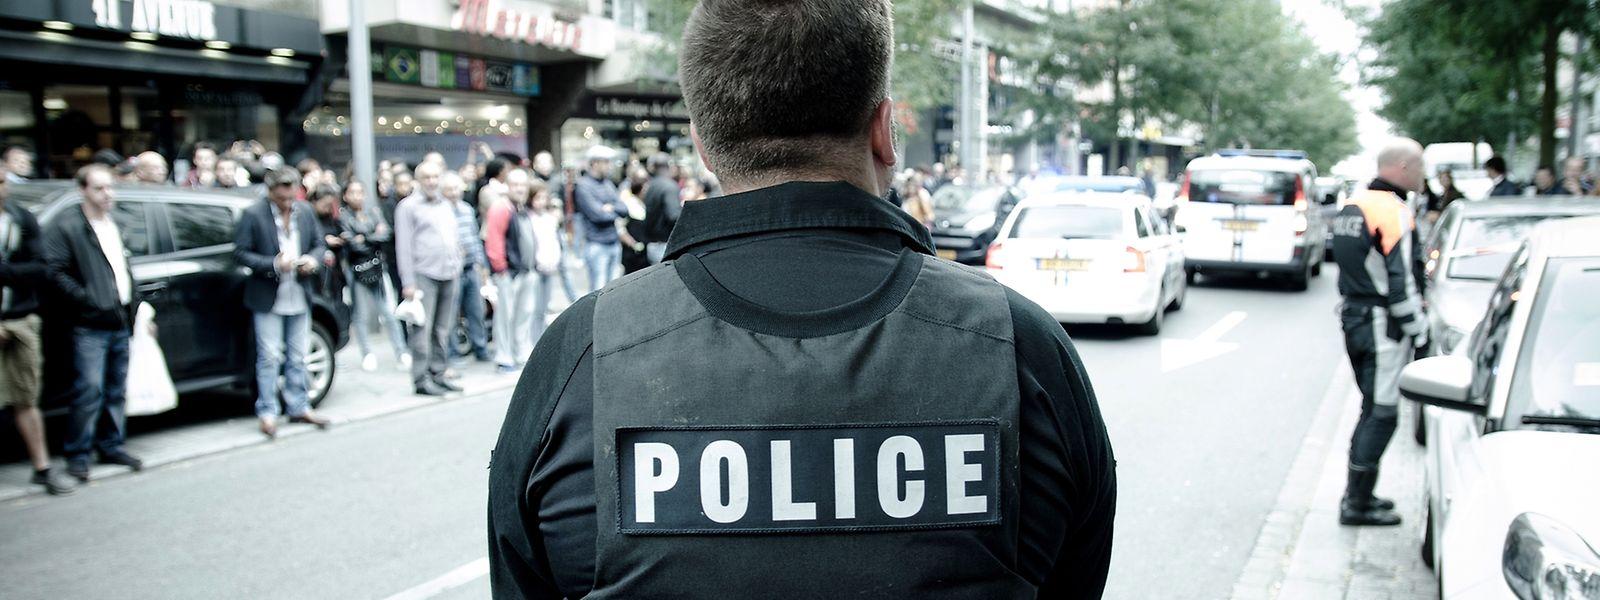 Gegenüber Personen, die eine Gefahr für die öffentliche Ordnung und Sicherheit darstellen, sind Polizisten oft machtlos.